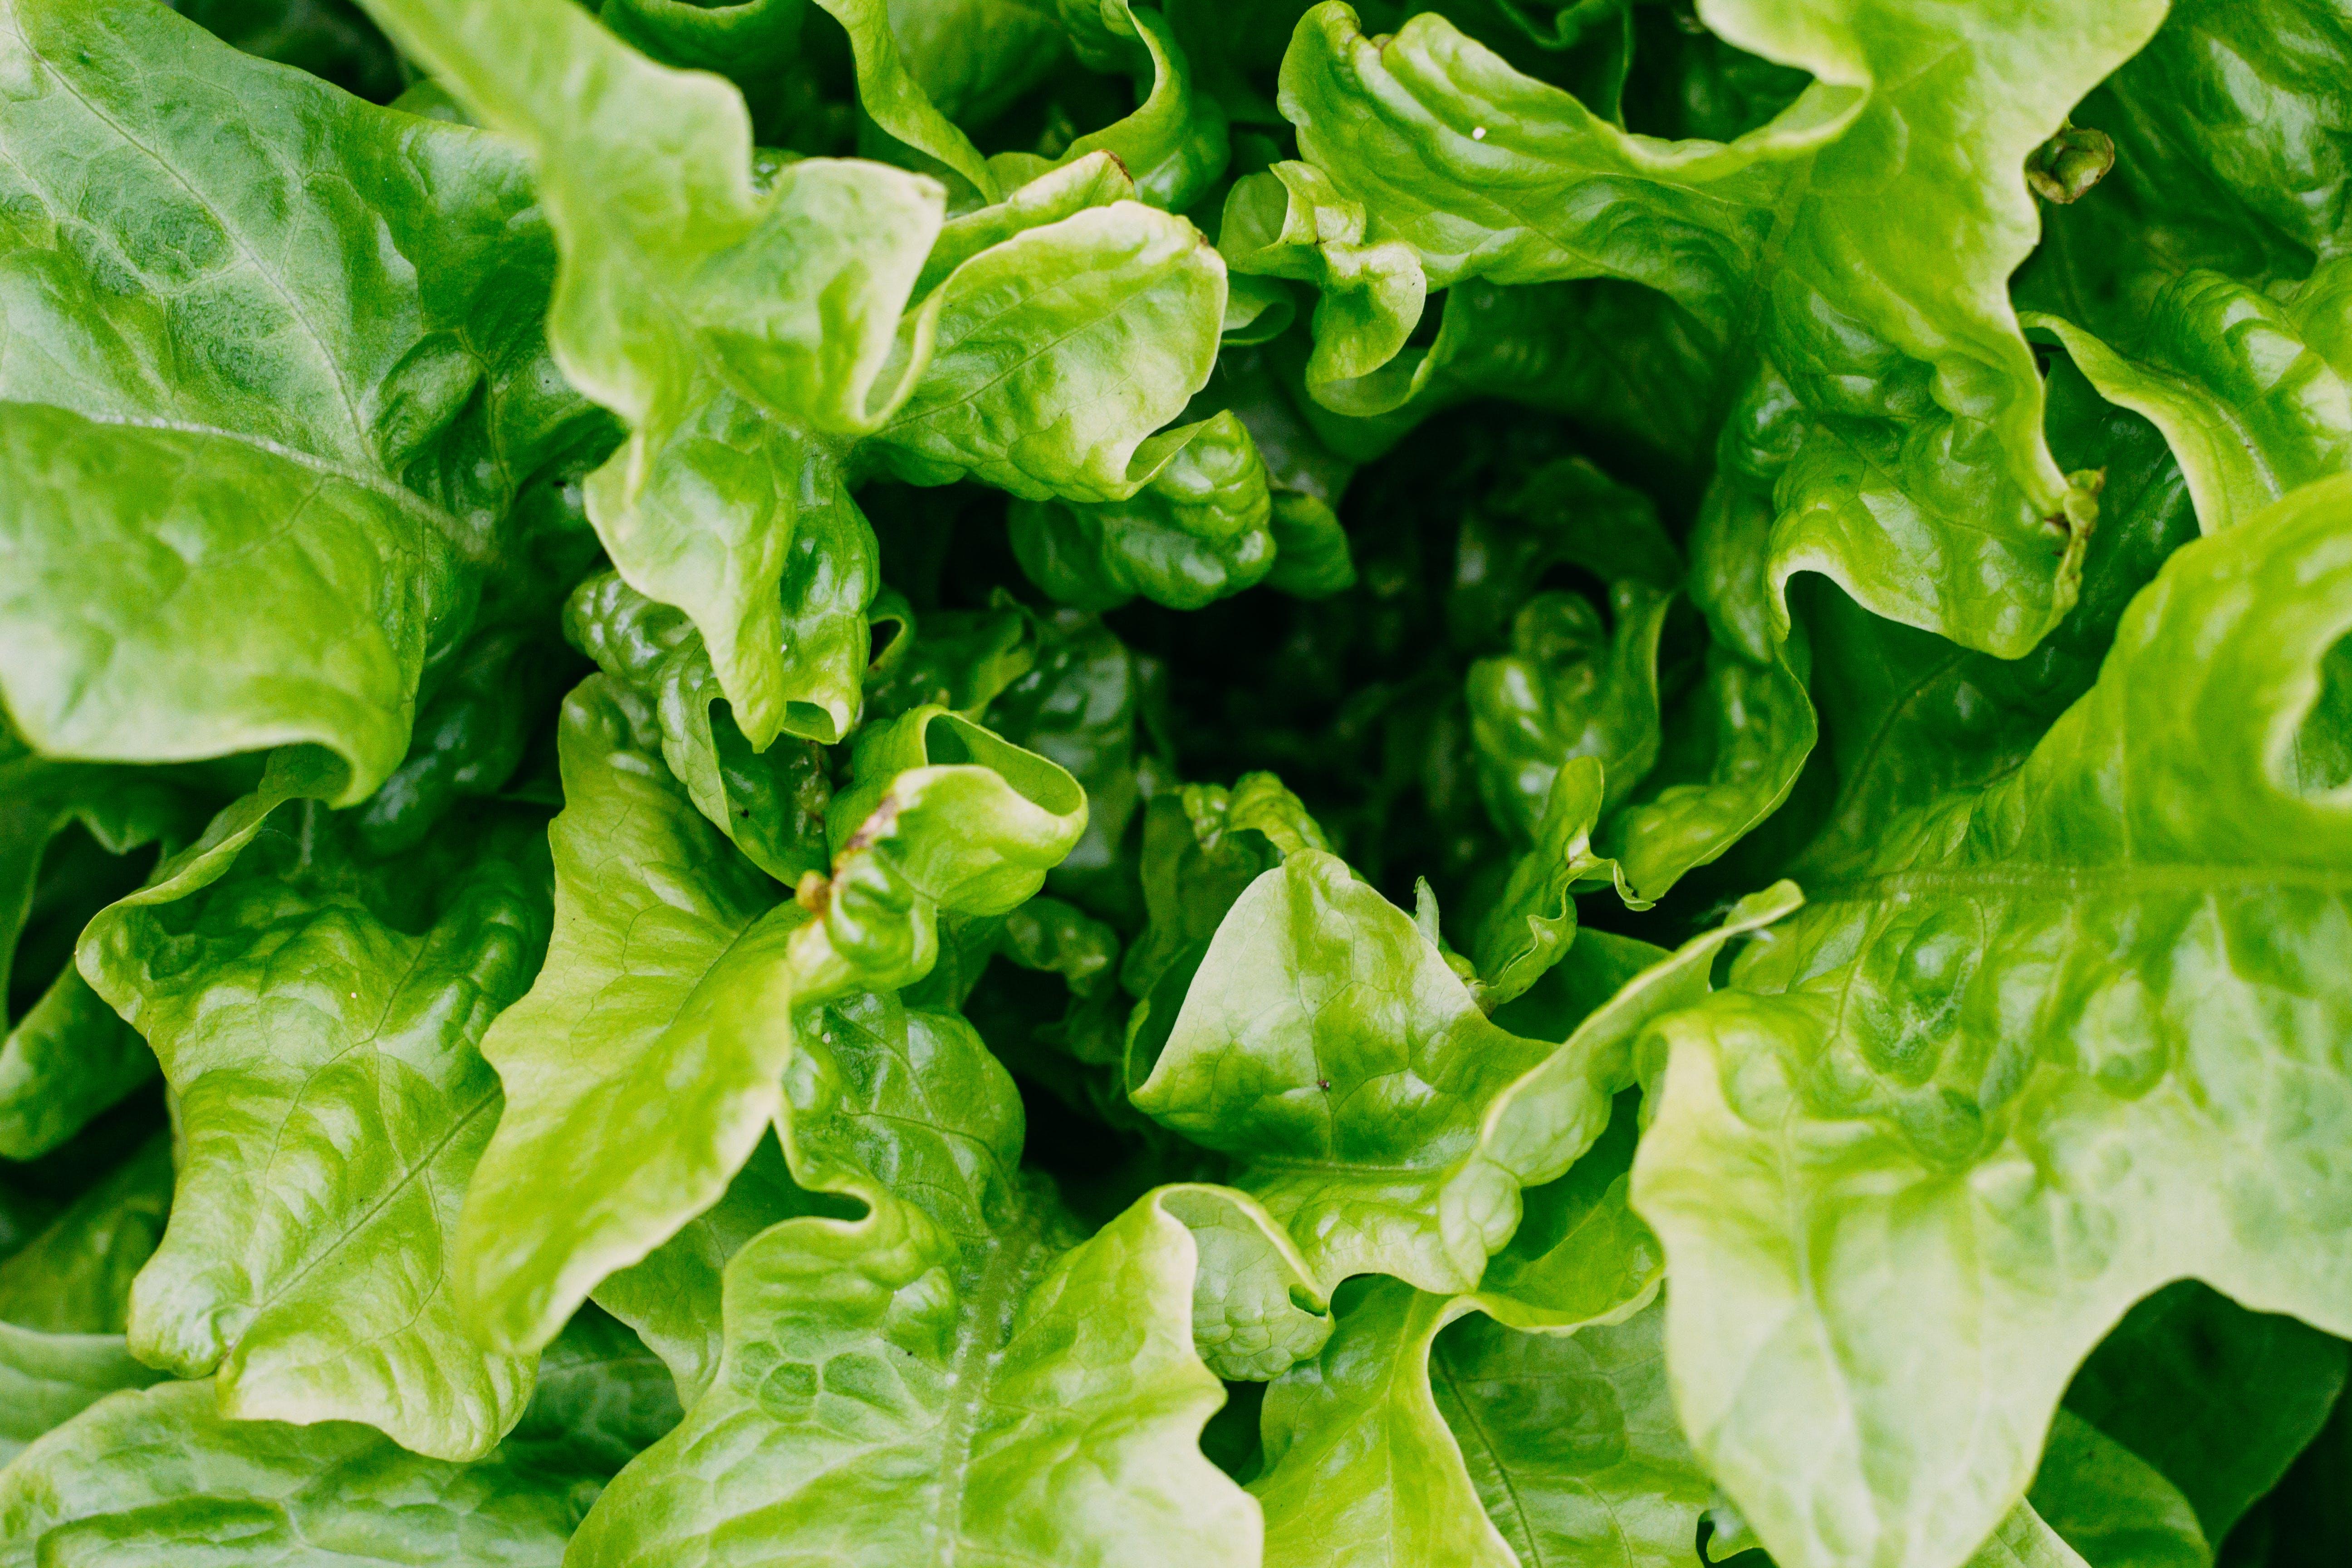 レタス, 健康, 工場, 庭園の無料の写真素材